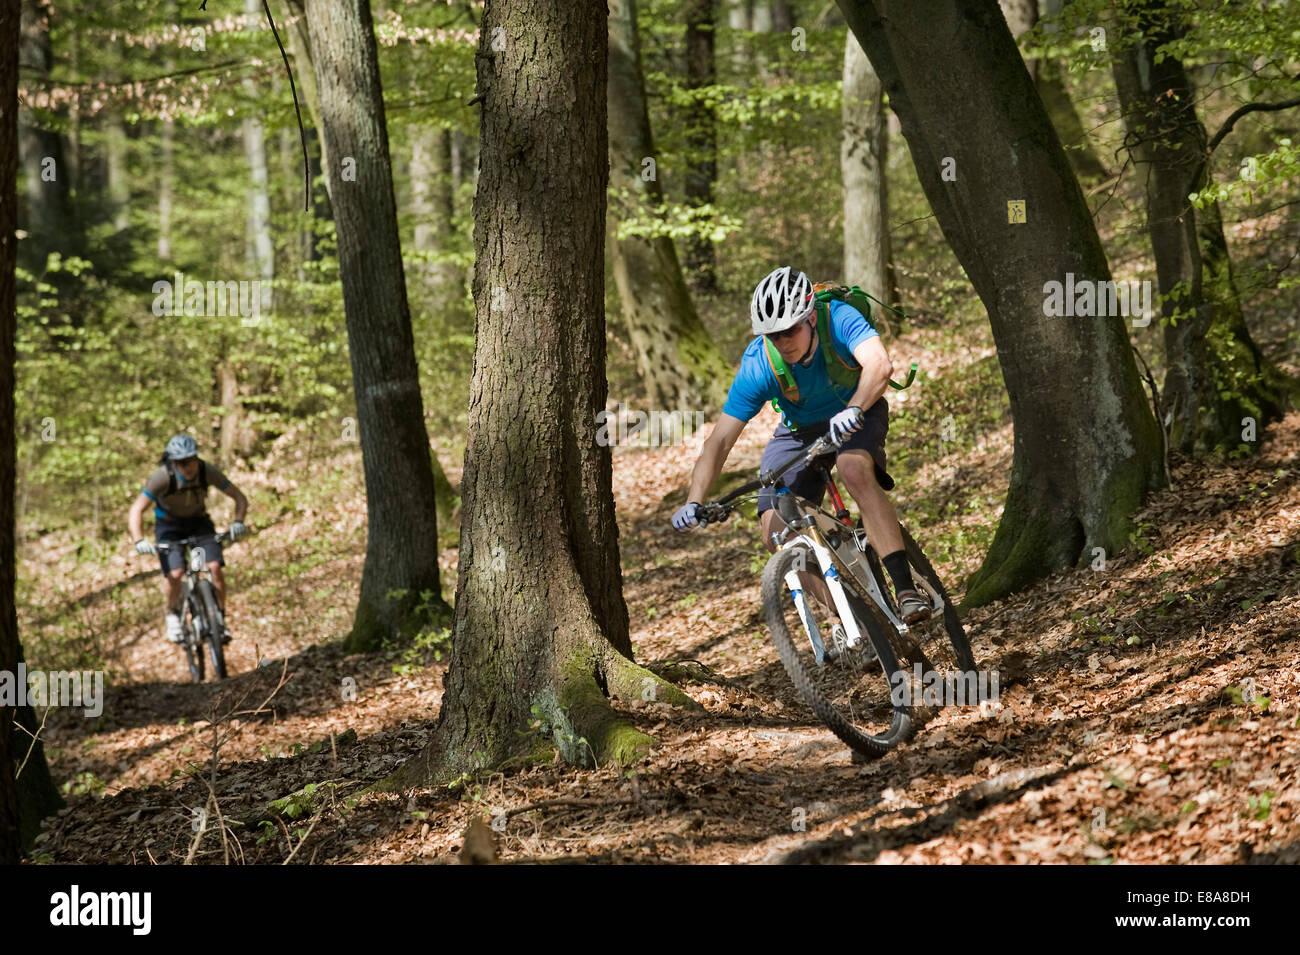 Los hombres jóvenes bicicleta de montaña en el bosque, Baviera, Alemania Imagen De Stock